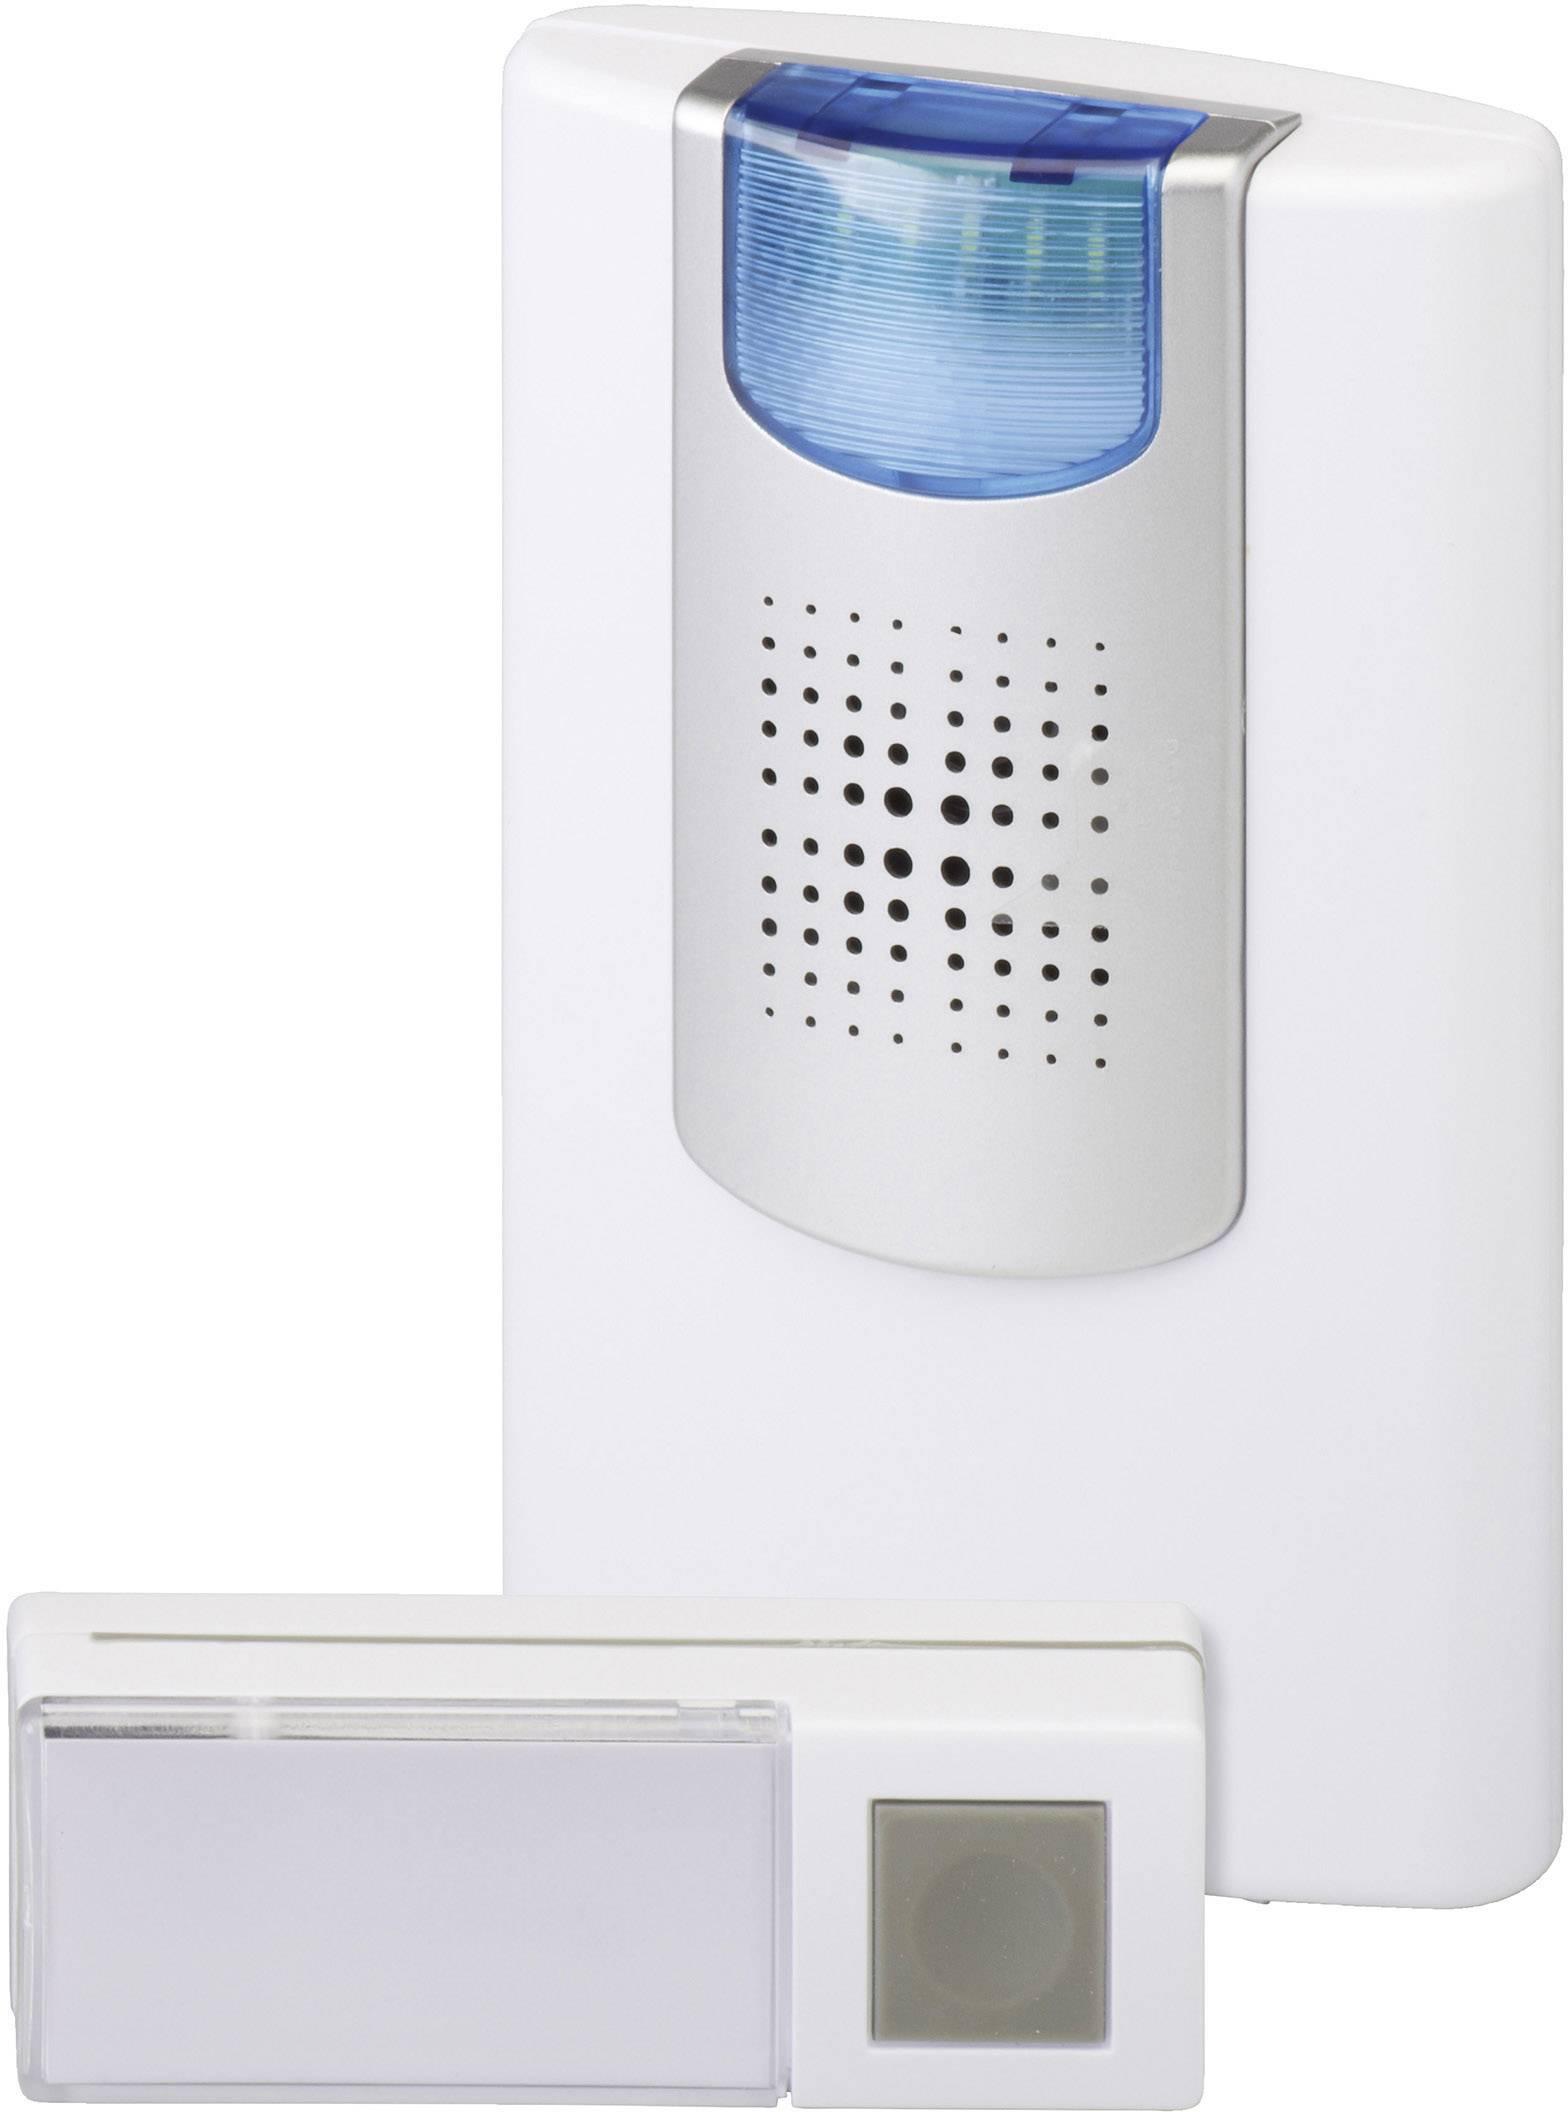 Bezdrôtový zvonček Heidemann HX Flashlight 70824, kompletná sada, max. dosah 200 m, biela